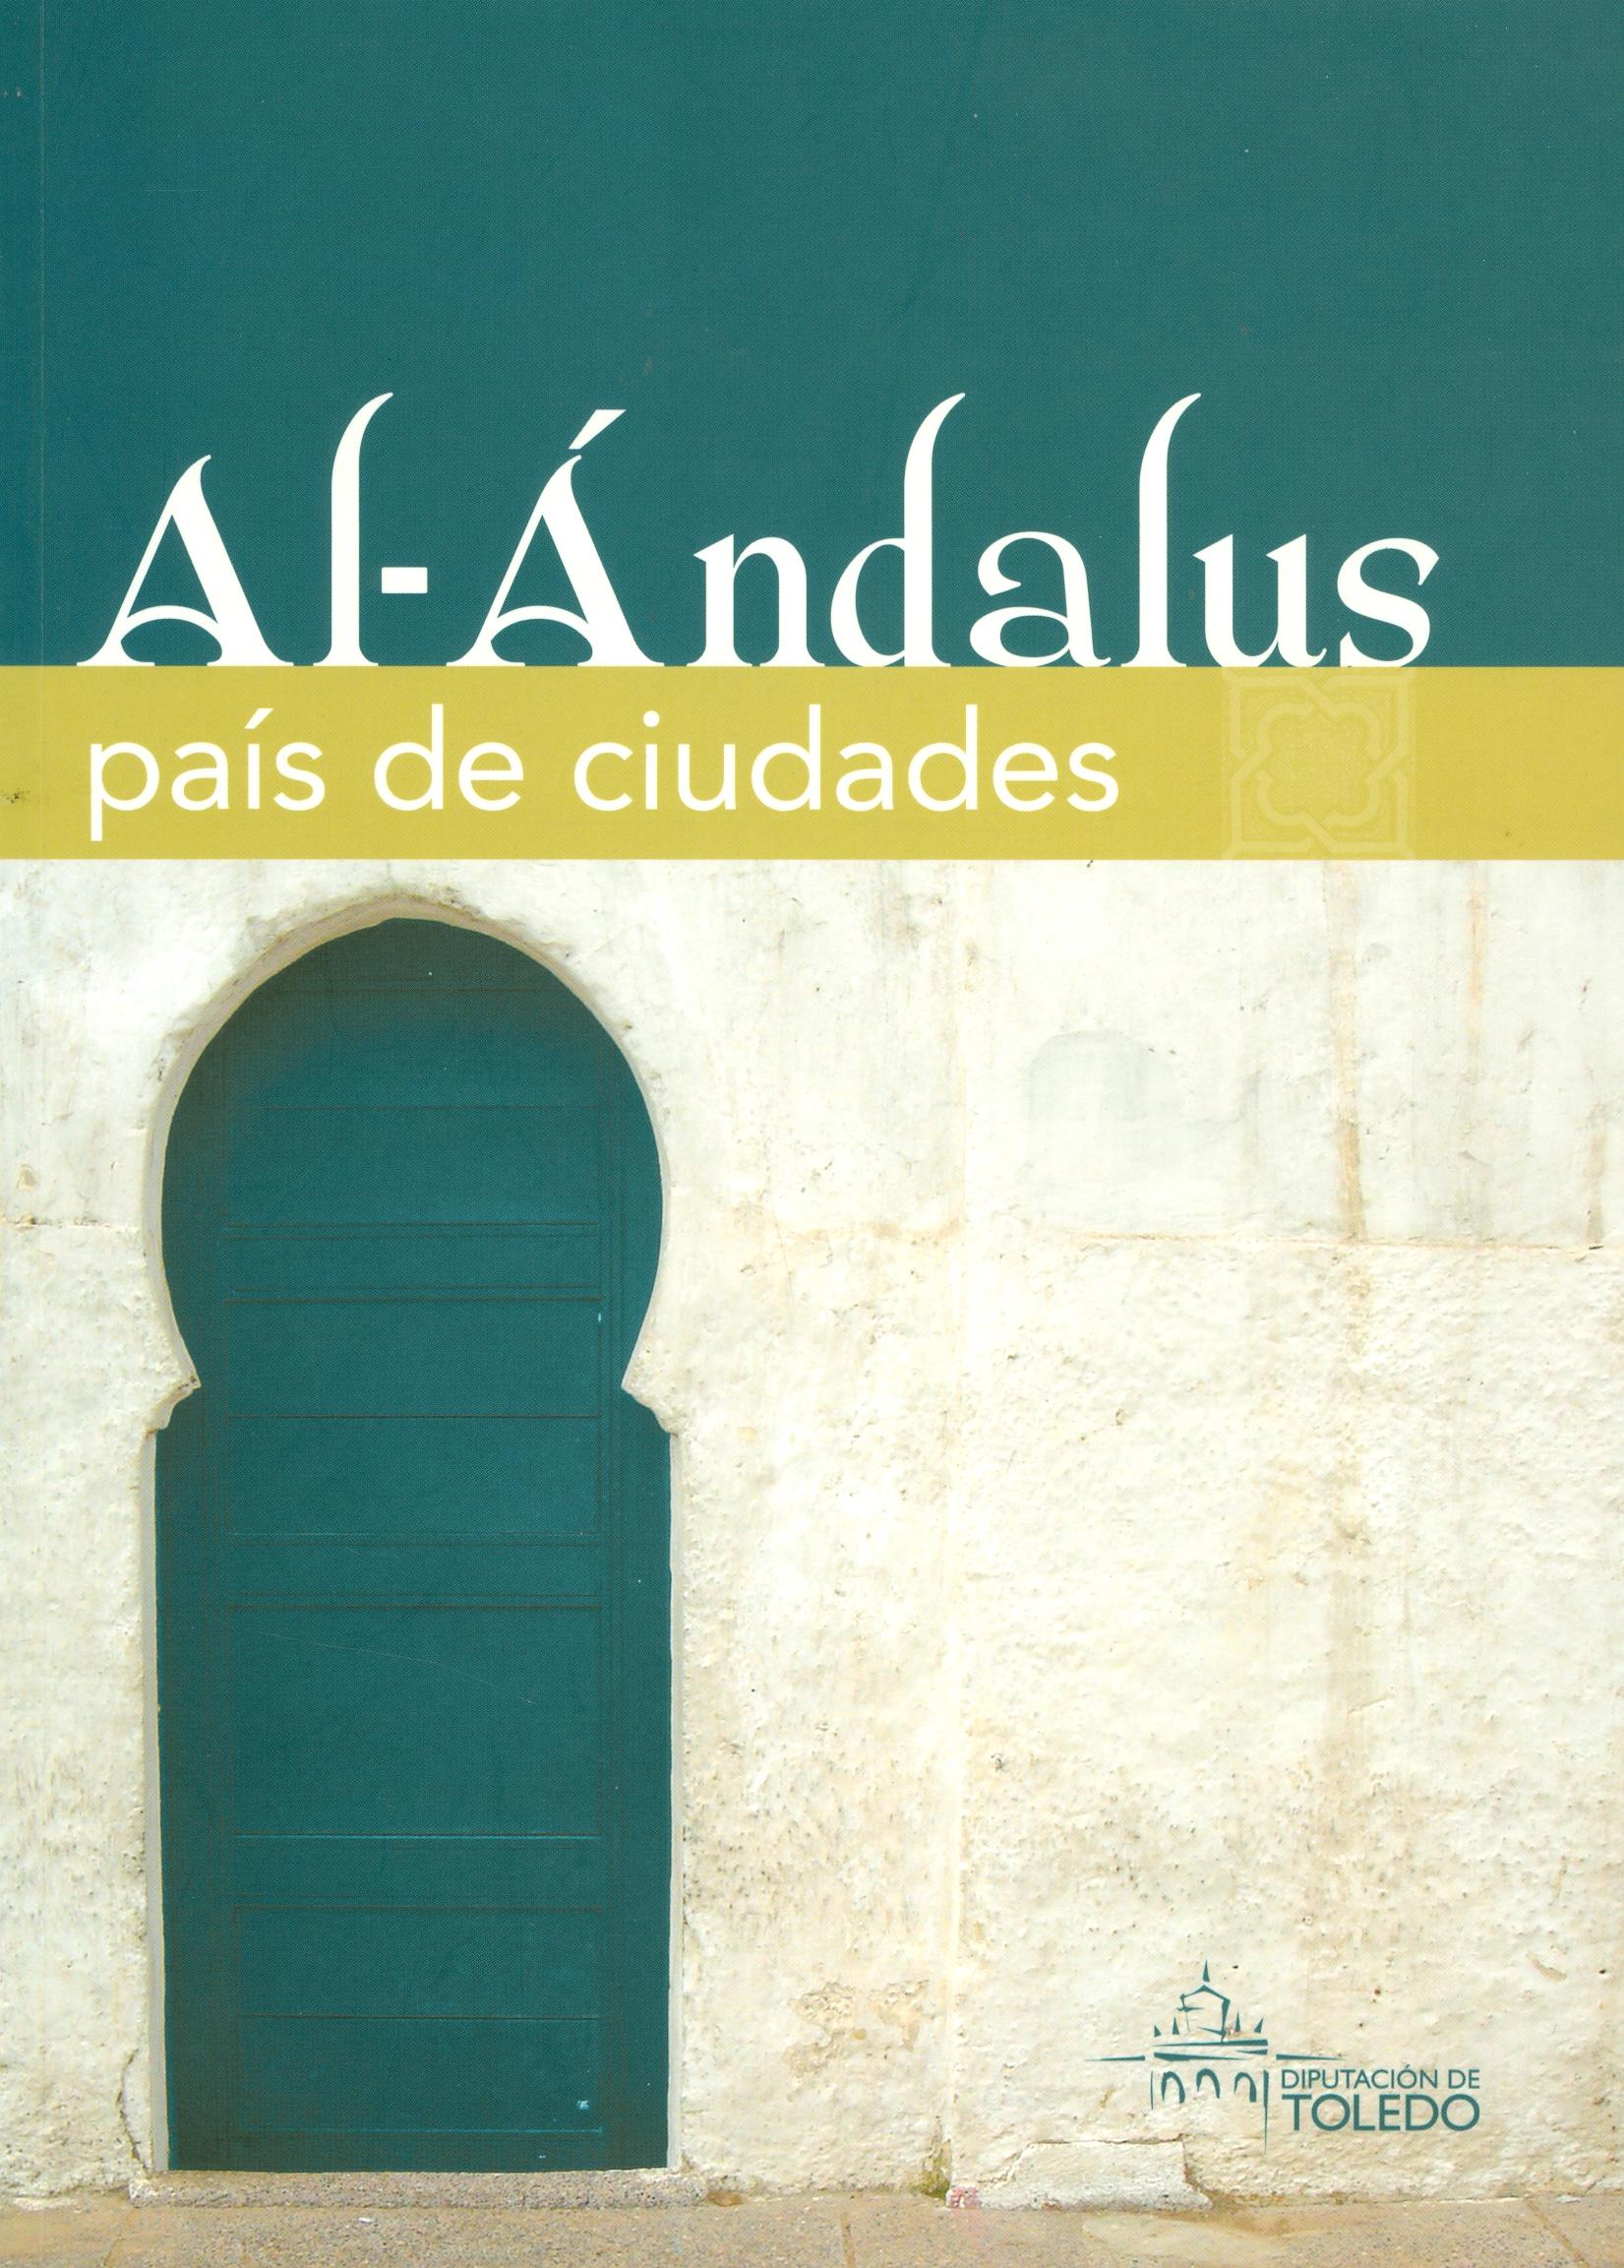 Al-Andalus país de ciudades